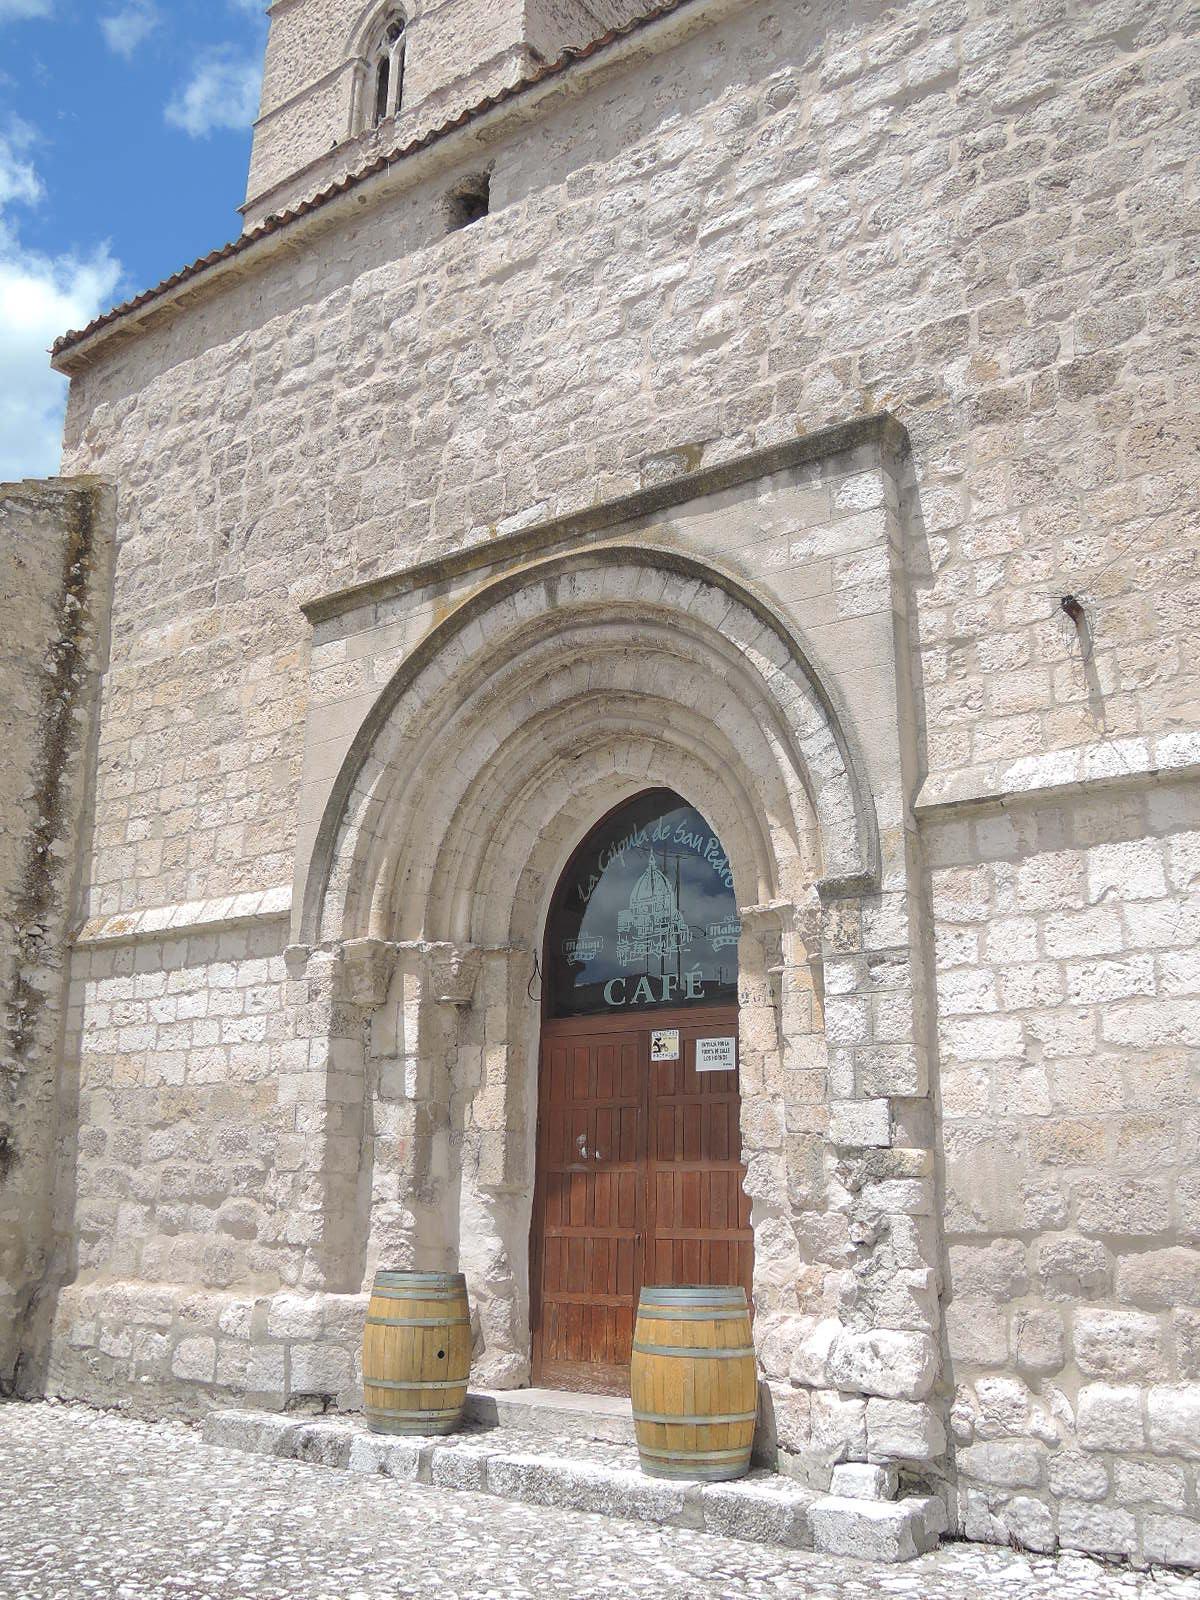 Iglesia bar; la salvación y el pecado en un solo edificio.